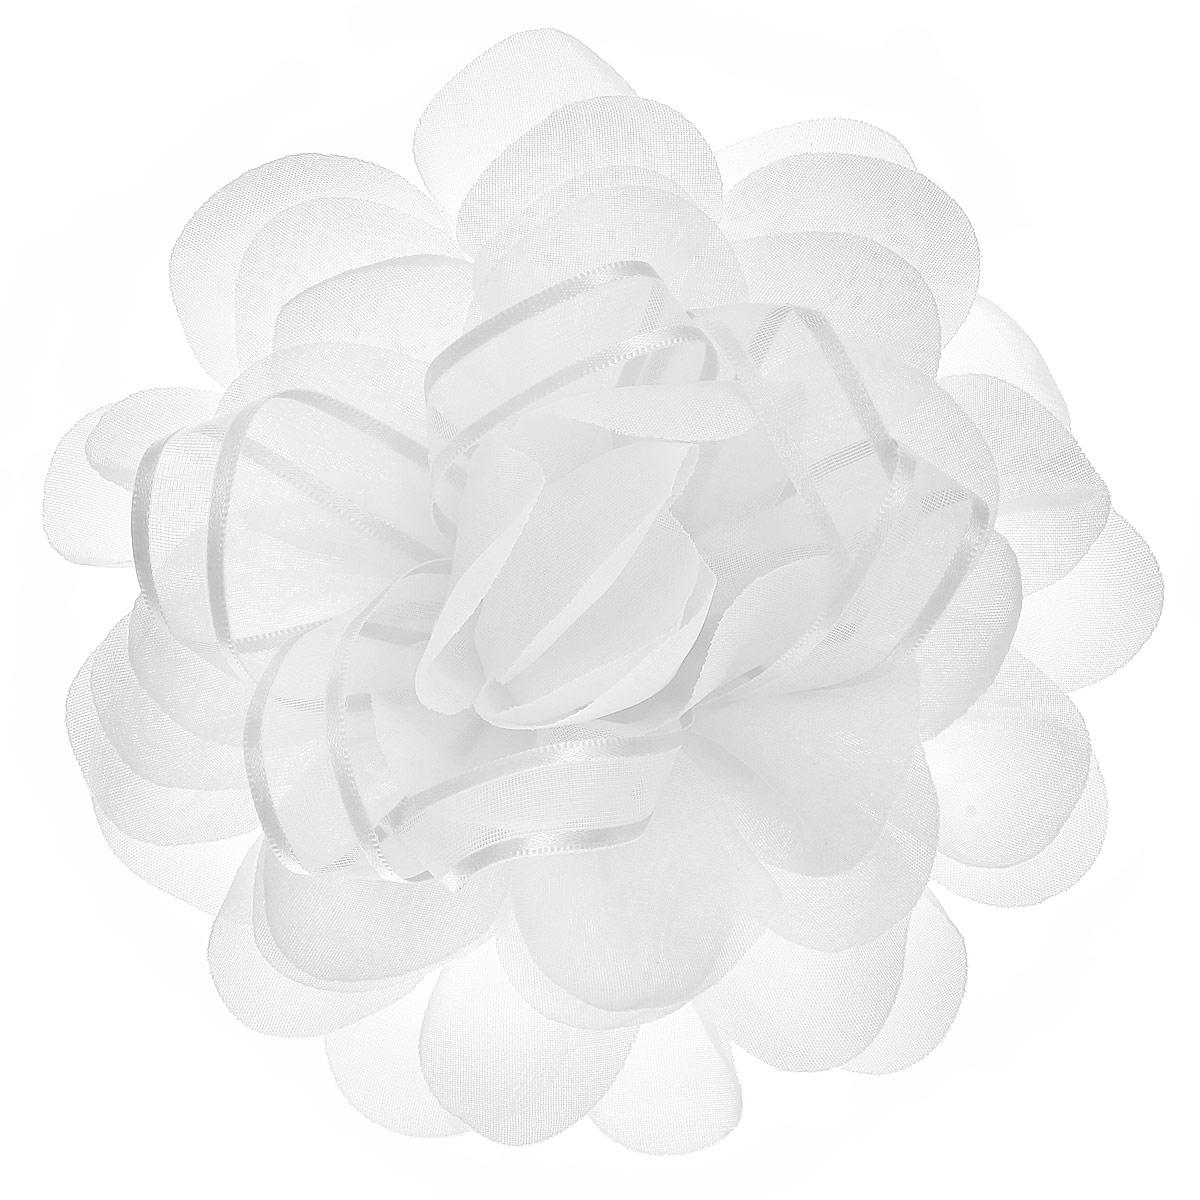 Babys Joy Резинка для волос, цвет: белый. DB 355Серьги с подвескамиРезинка для волос Babys Joy выполнена в виде большого цветка из текстиля и в центре оформлена лентой из органзы. Резинка для волос Babys Joy подчеркнет красоту прически вашей маленькой модницы.